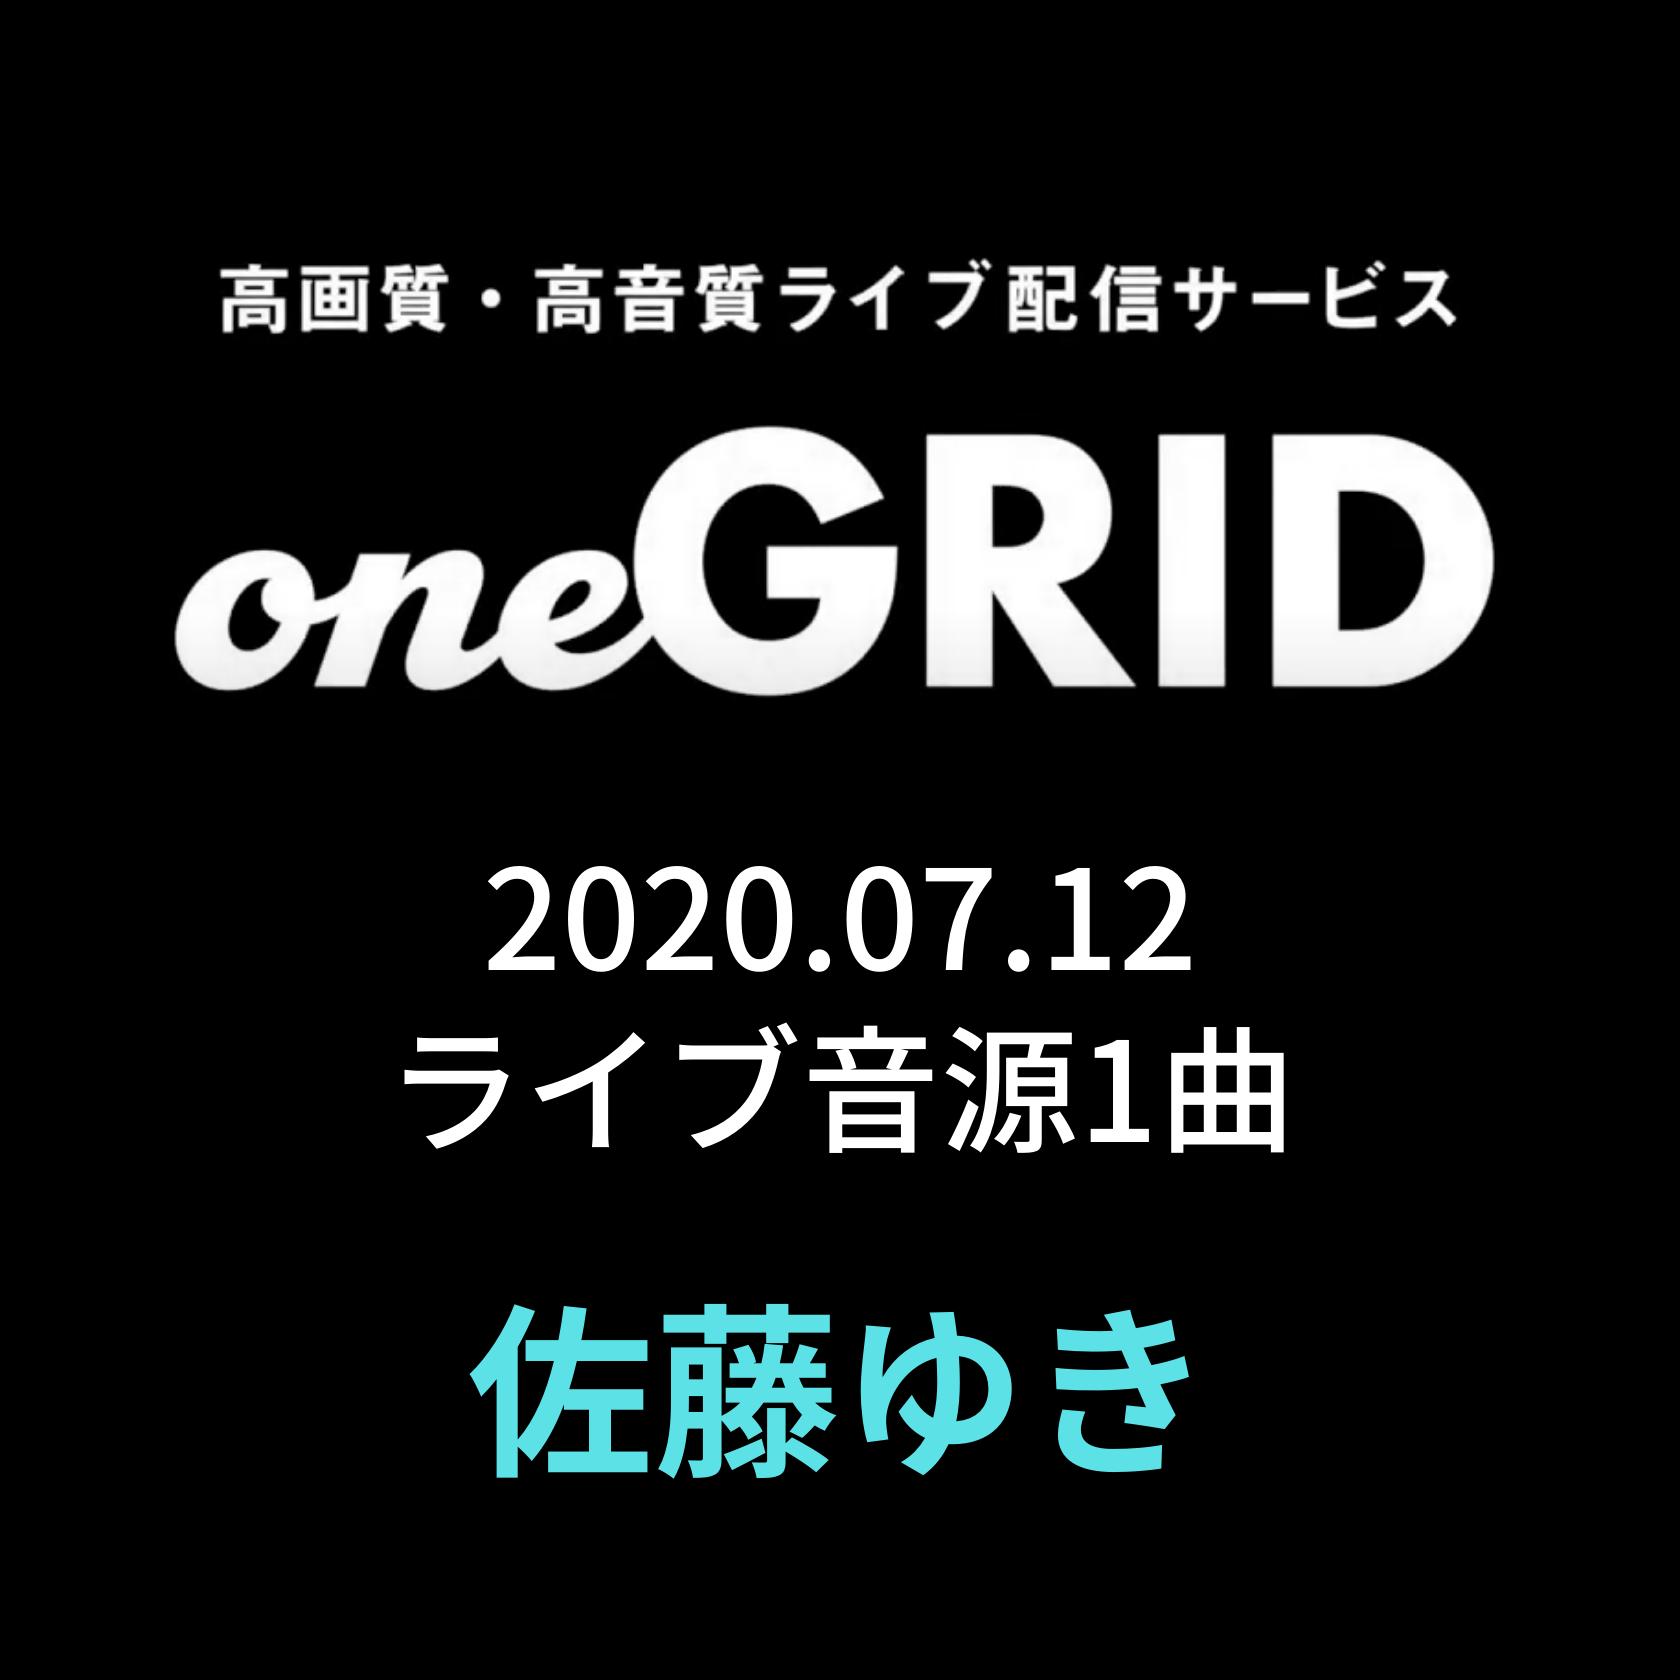 7/12 佐藤ゆき Live音源